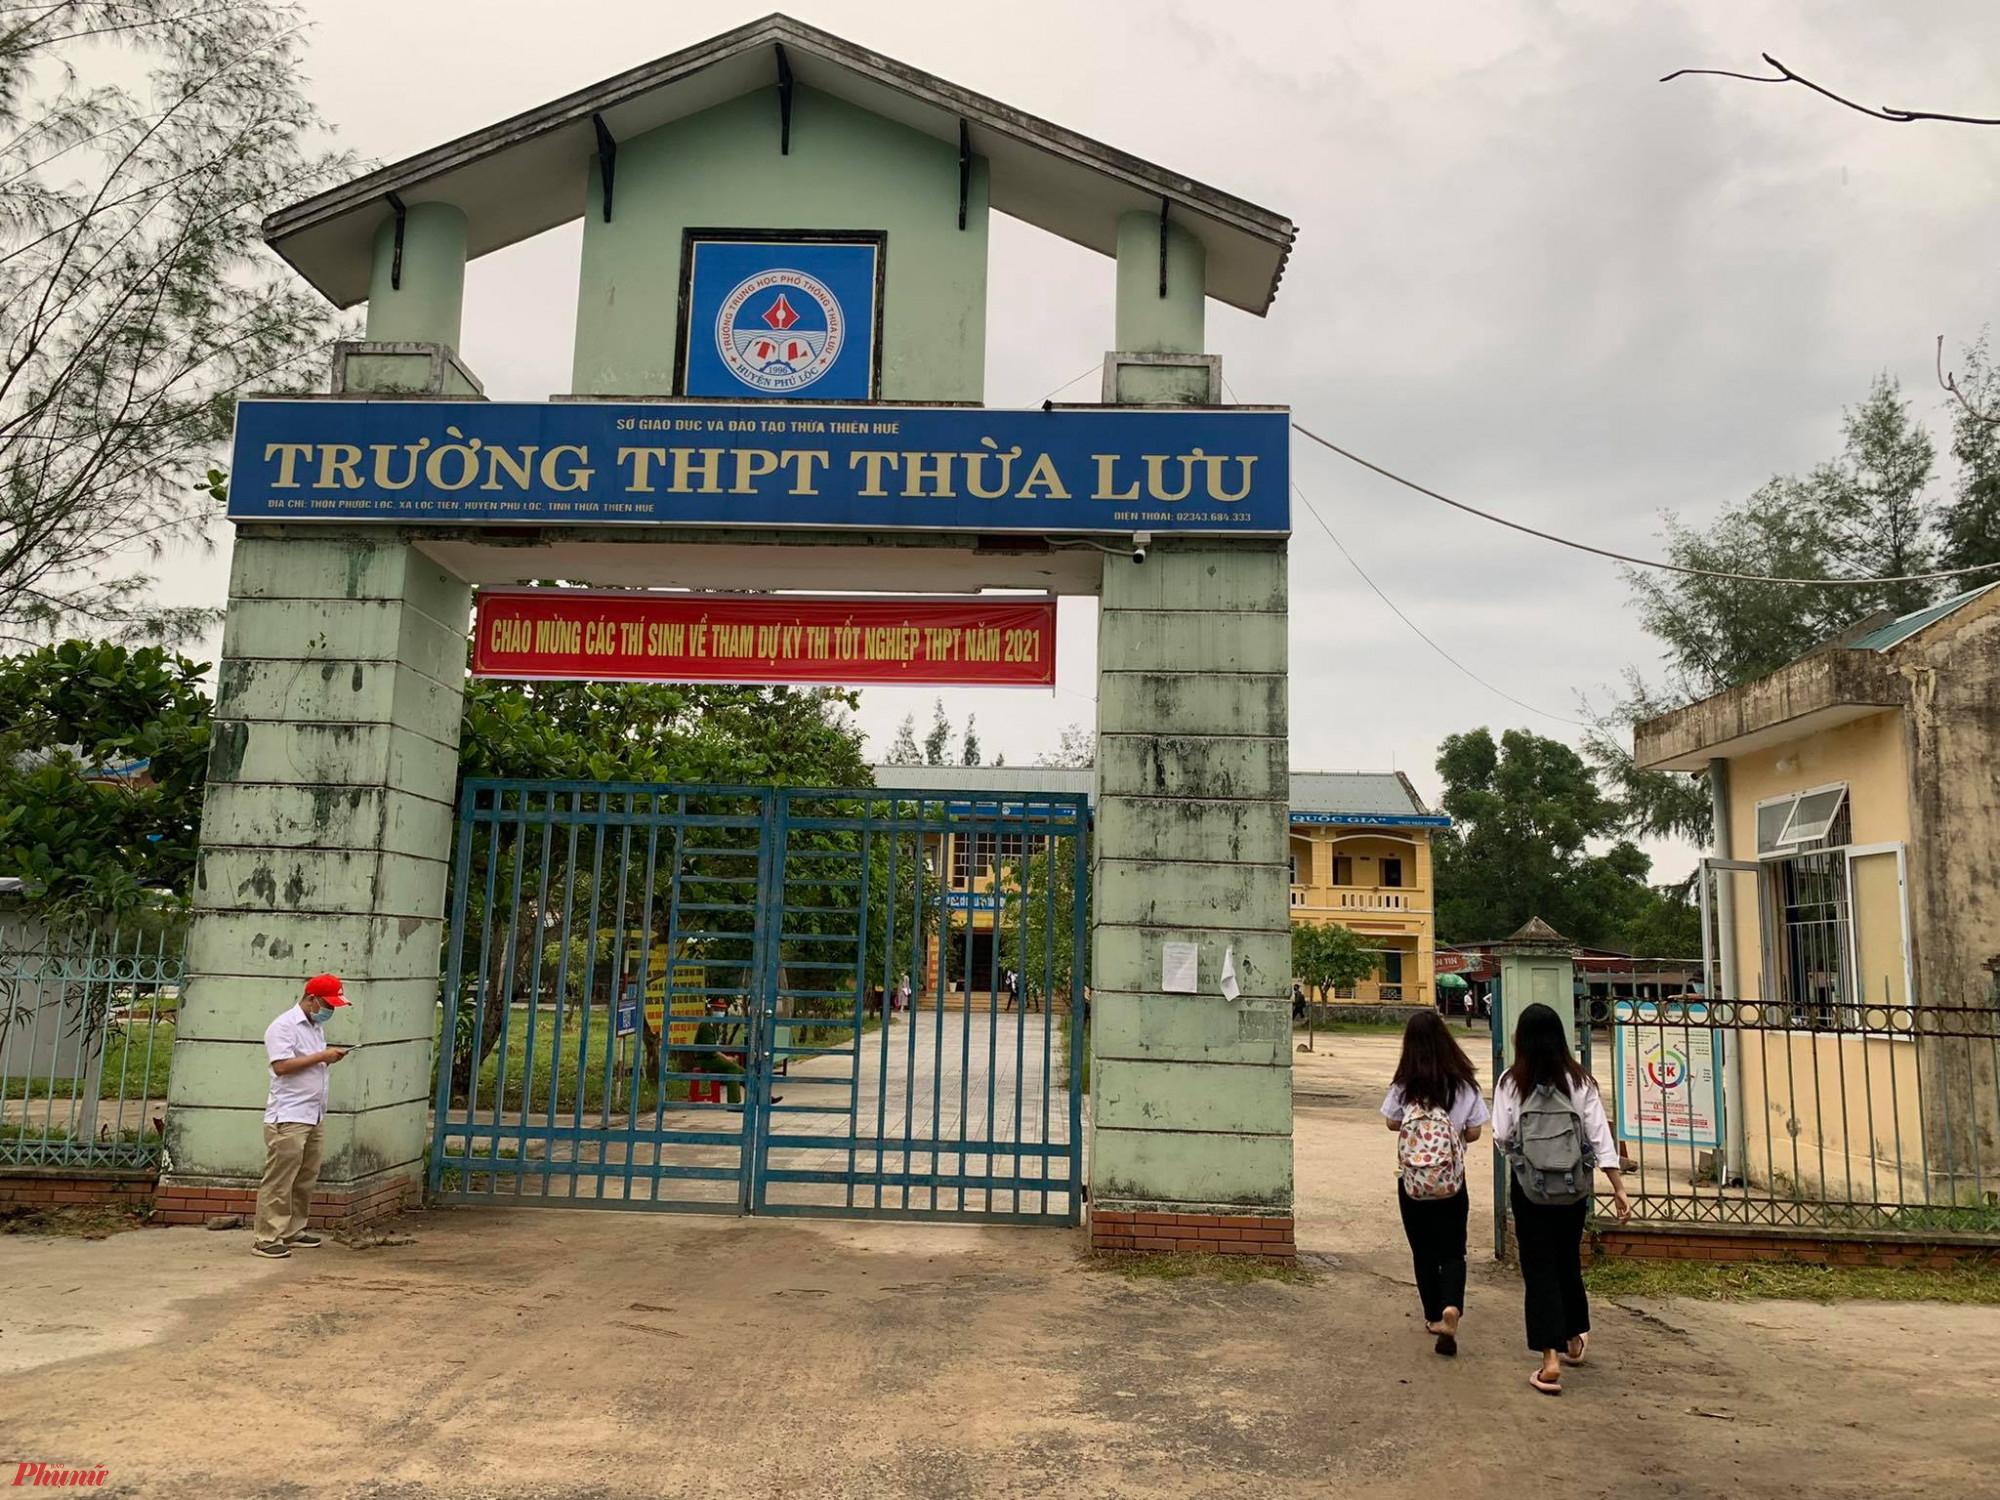 Trường THPT Thừa Lưu nơi có 13 thí sinh 'đặc biệt' dự thi